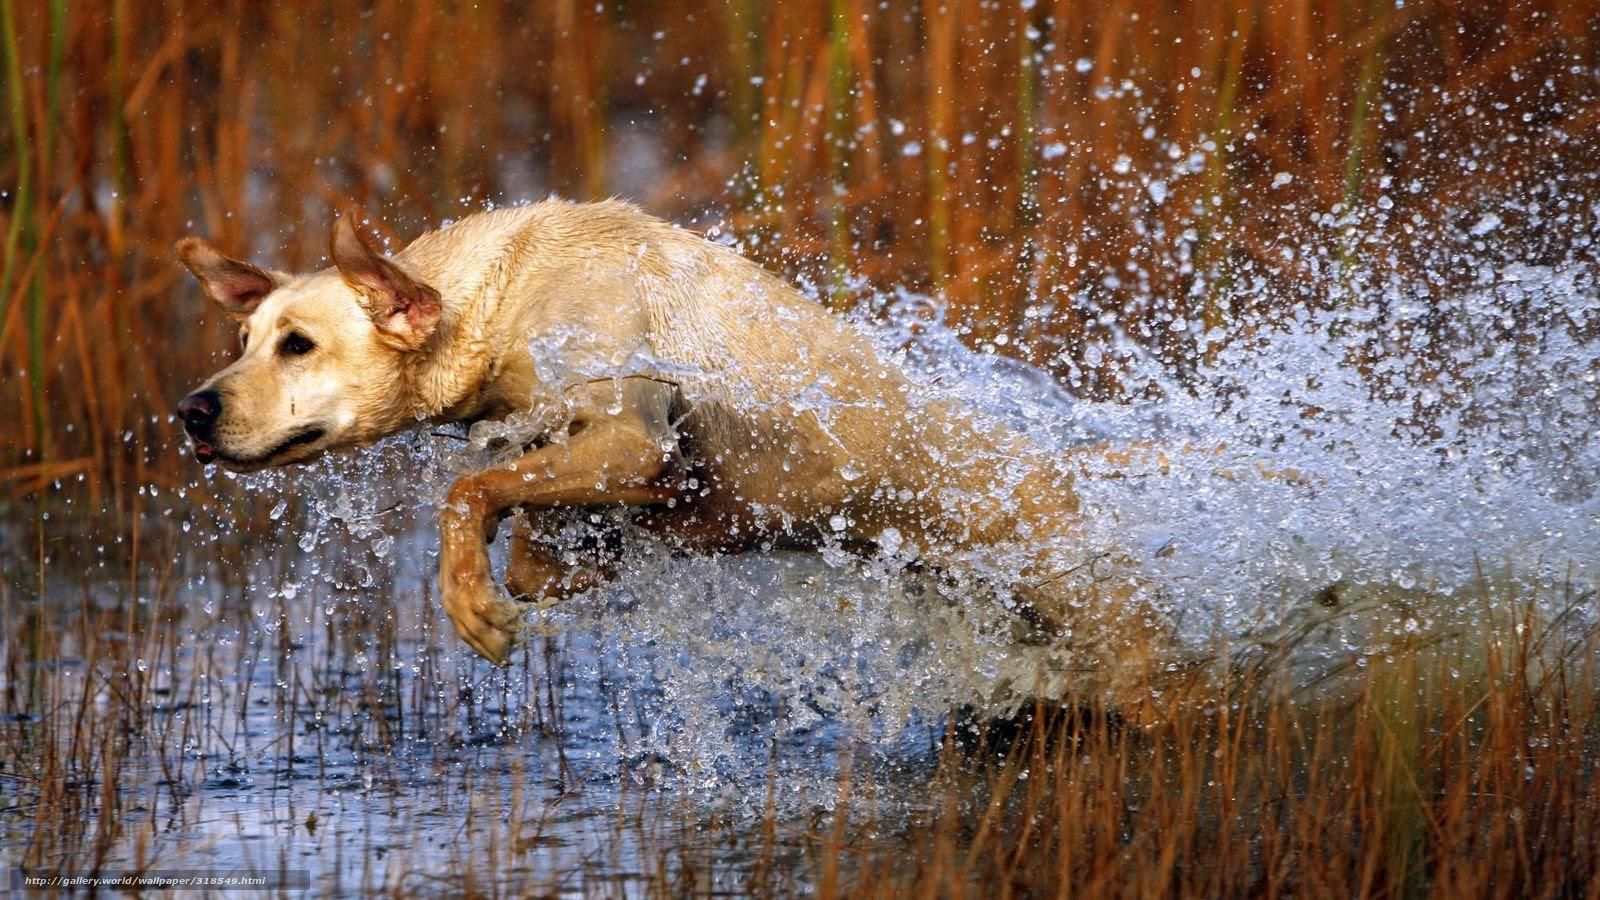 壁紙をダウンロード 犬 犬 ジャンプ 水 デスクトップの解像度のため